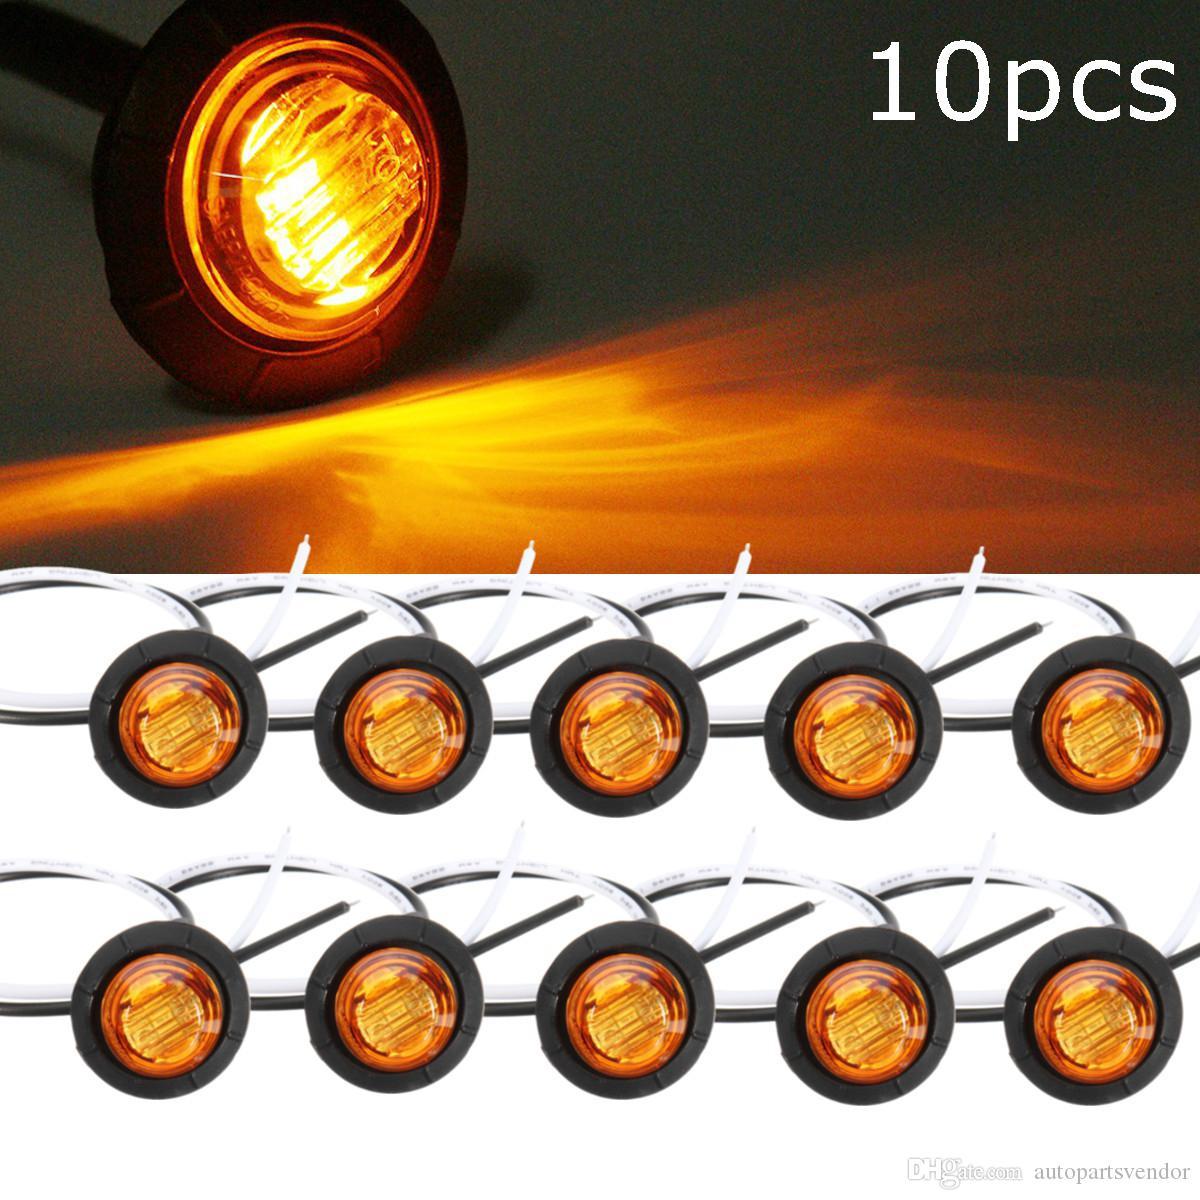 10 unids camión ámbar amarillo impermeable led luz led pequeño lado redondo luces de marcador 3 lámparas de botón LED LORRY 12V / 24V